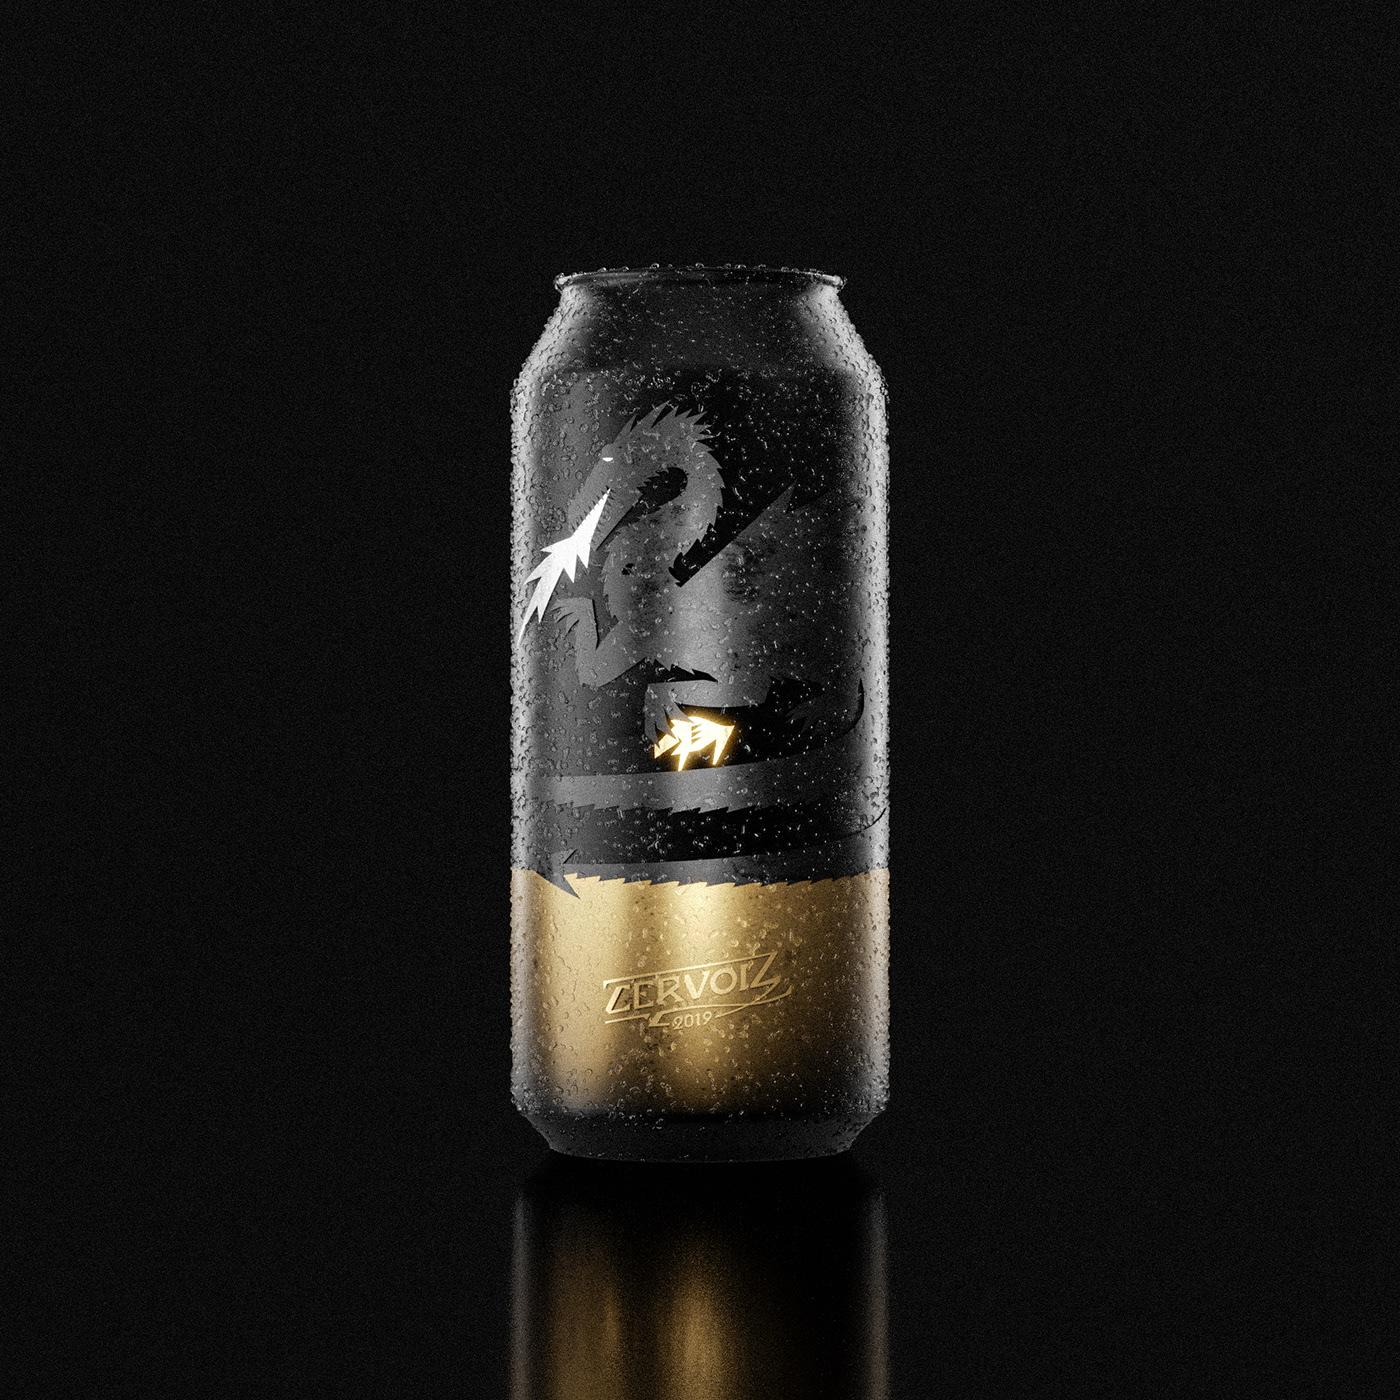 3D beer black Celtic Cervoiz creatures French gold legend Packshot